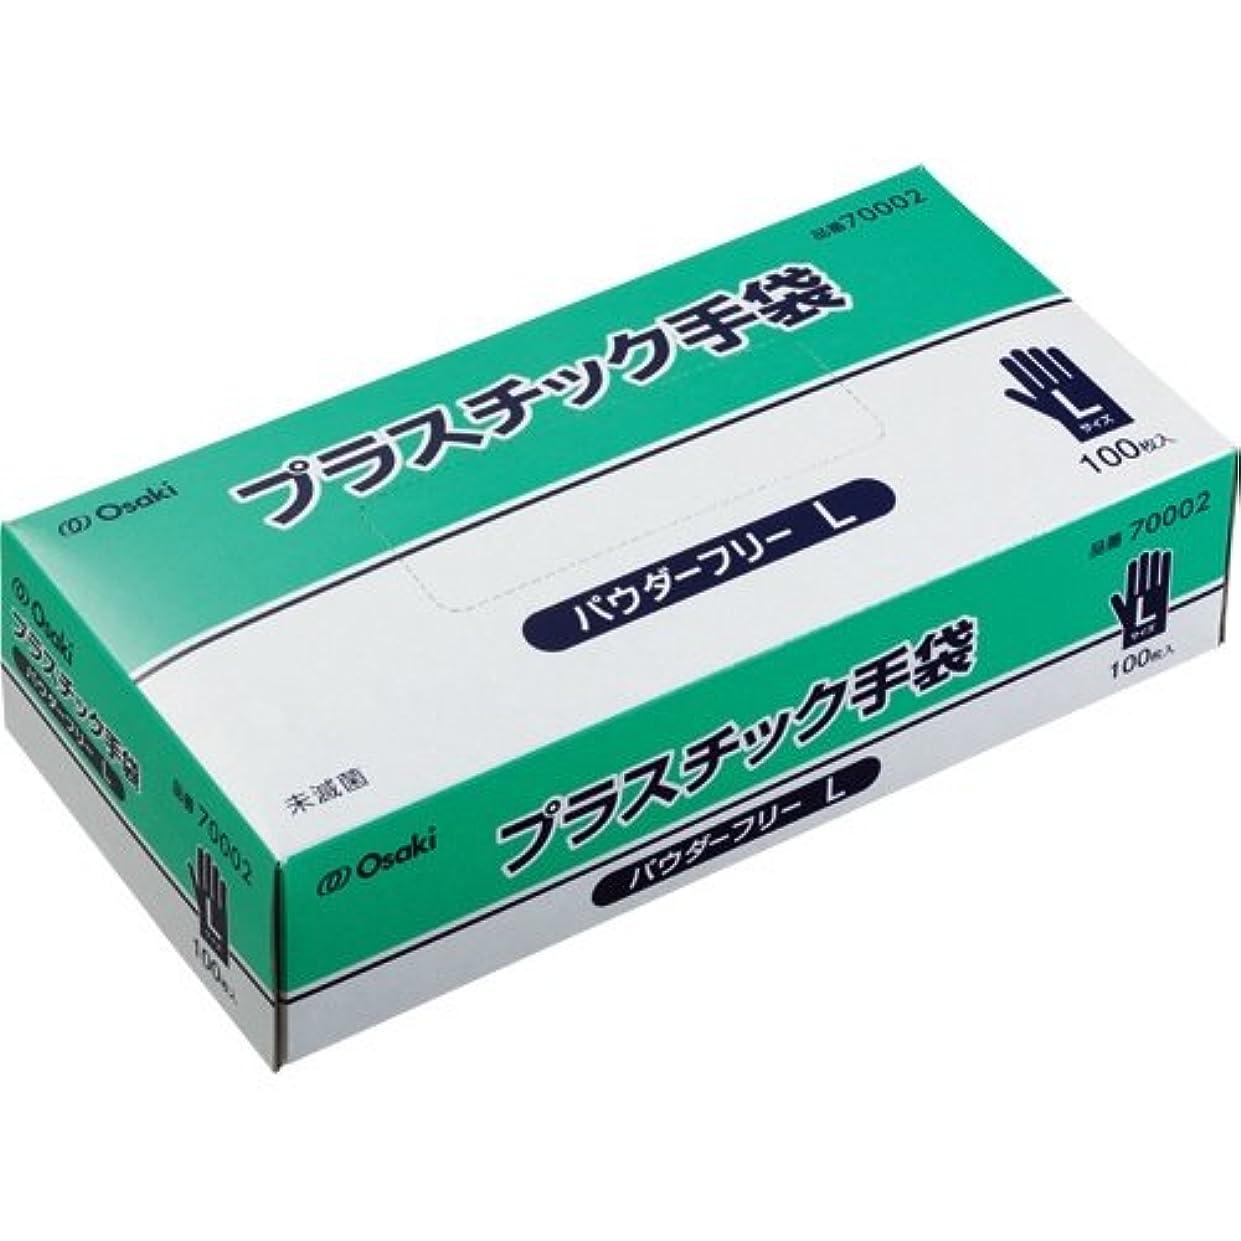 くまの中で振幅オオサキメディカル オオサキプラスチック手袋 パウダーフリー L 70002 1セット(2000枚:100枚×20箱)